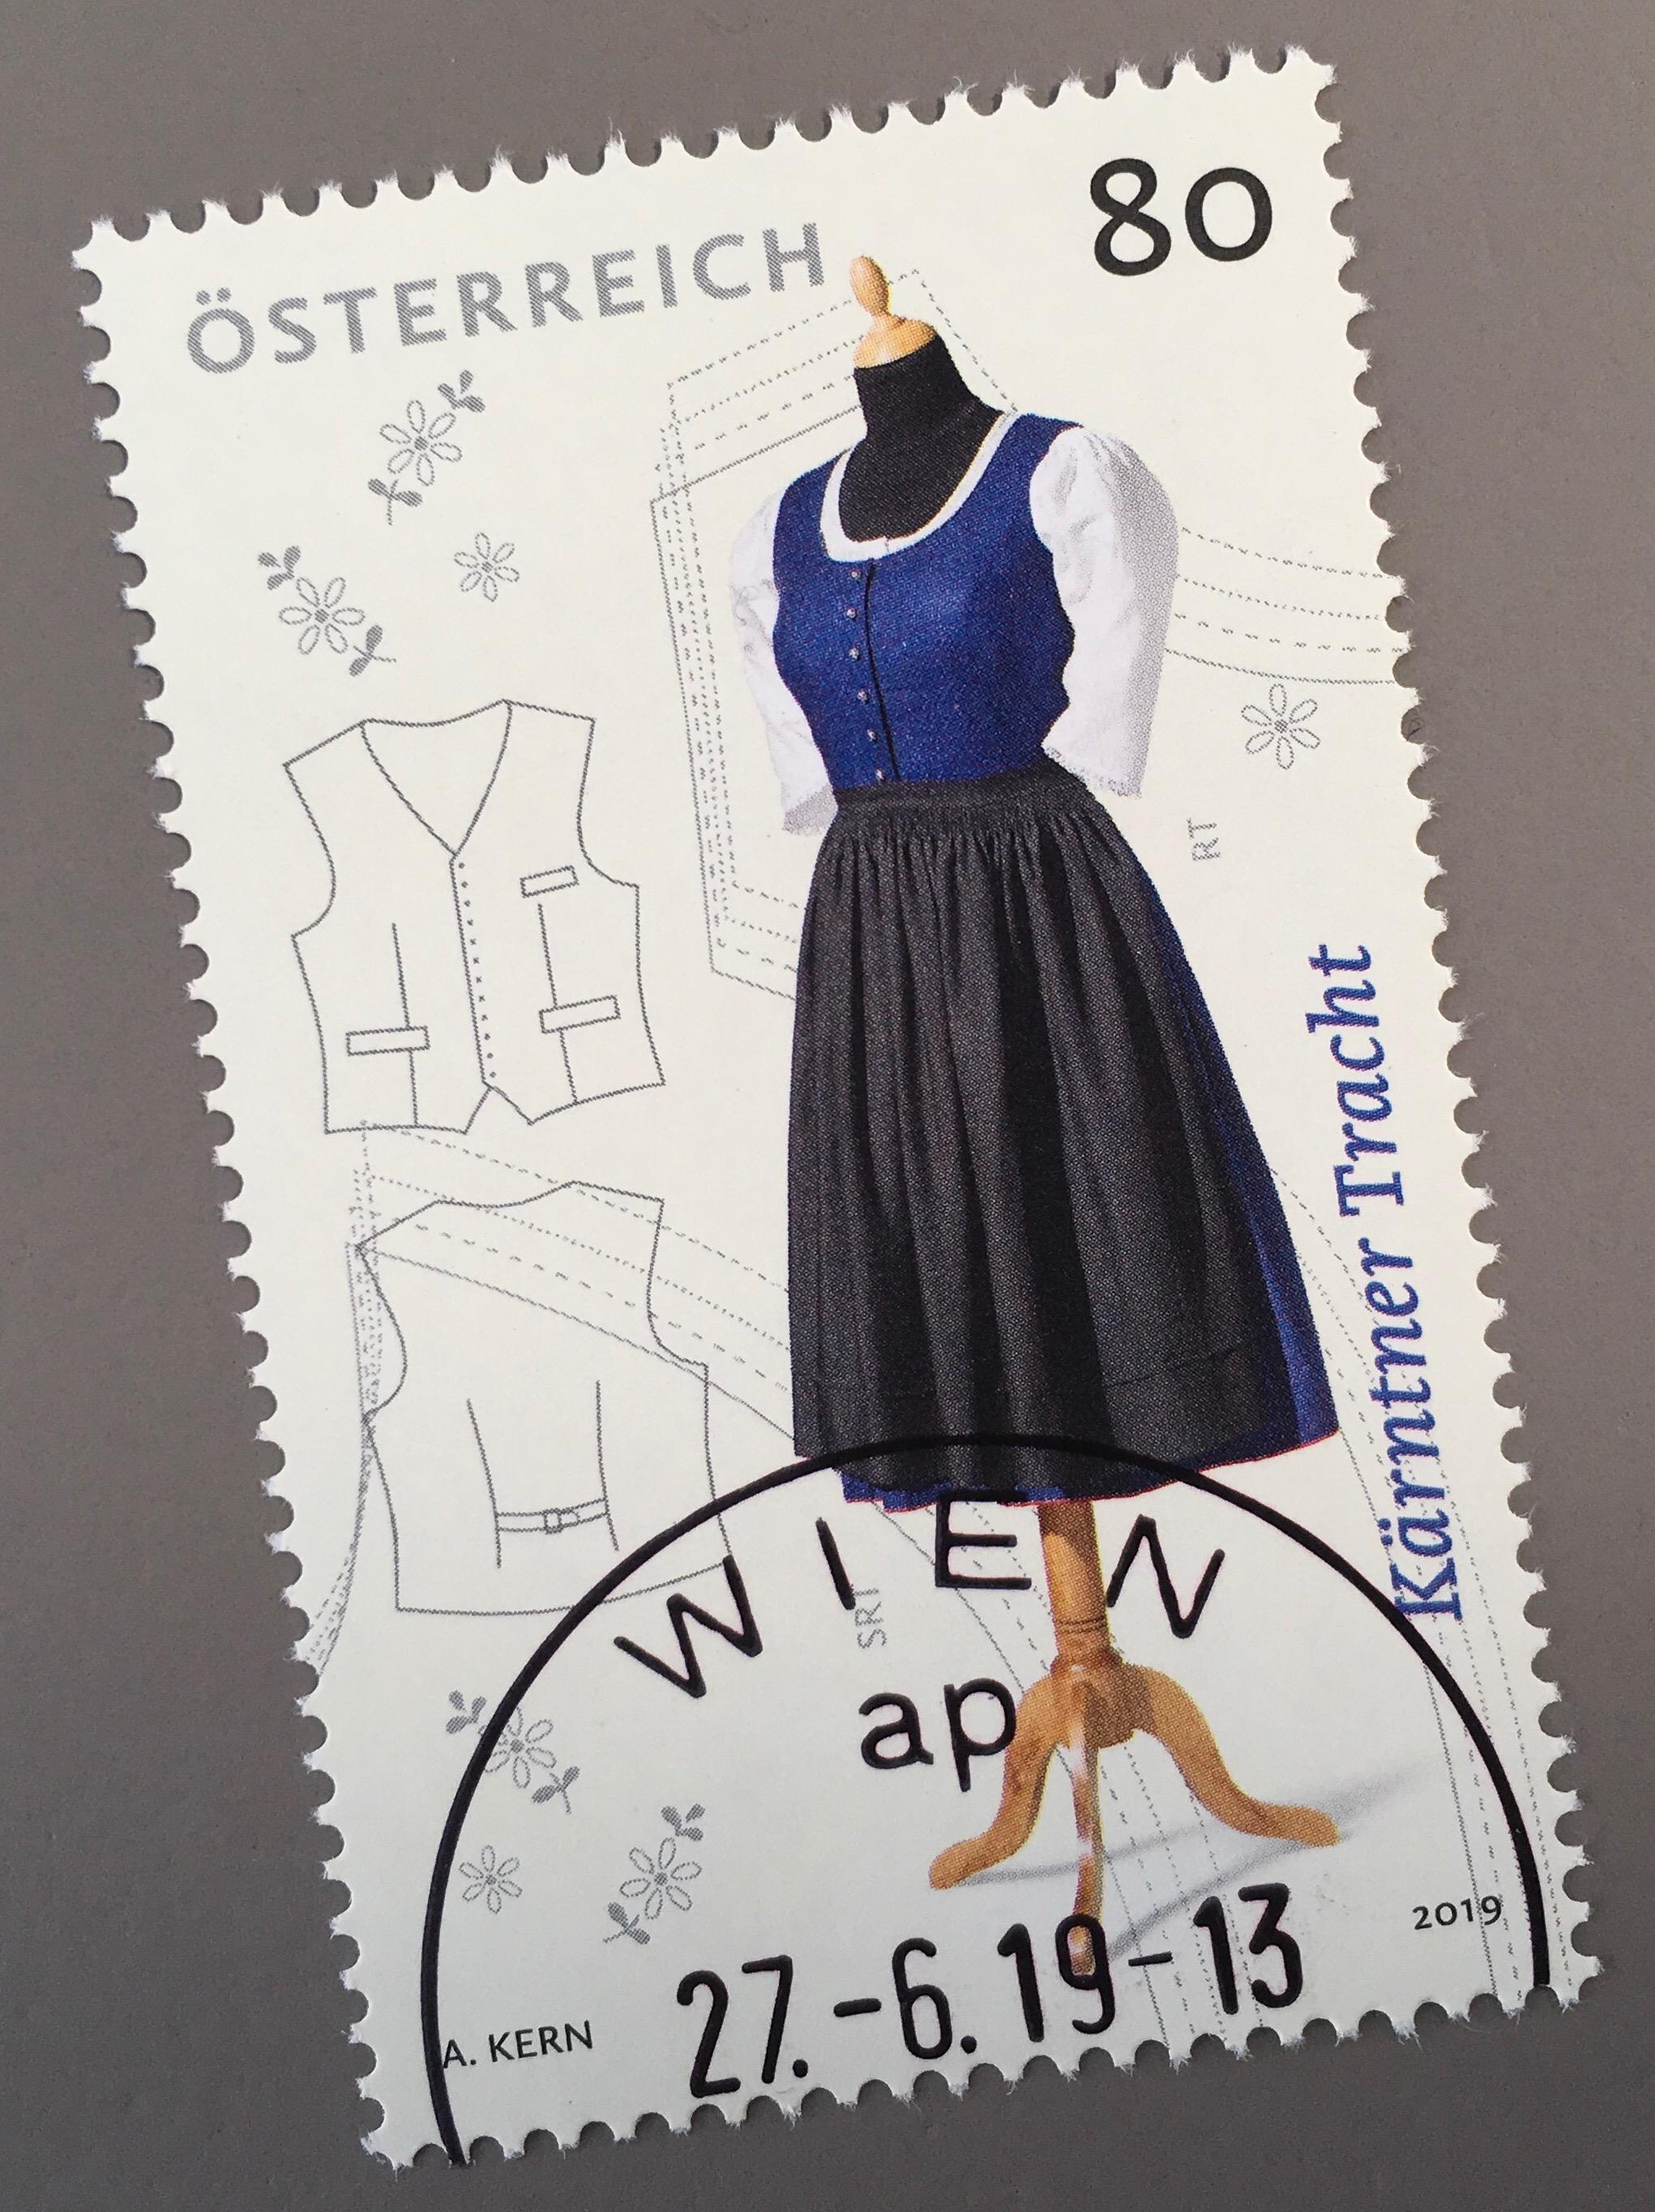 half off 7d750 0e97a Details zu Österreich 2019 Nr. 3472 Kärtner Tracht Heimathandwerk  Trachtenbekleidung